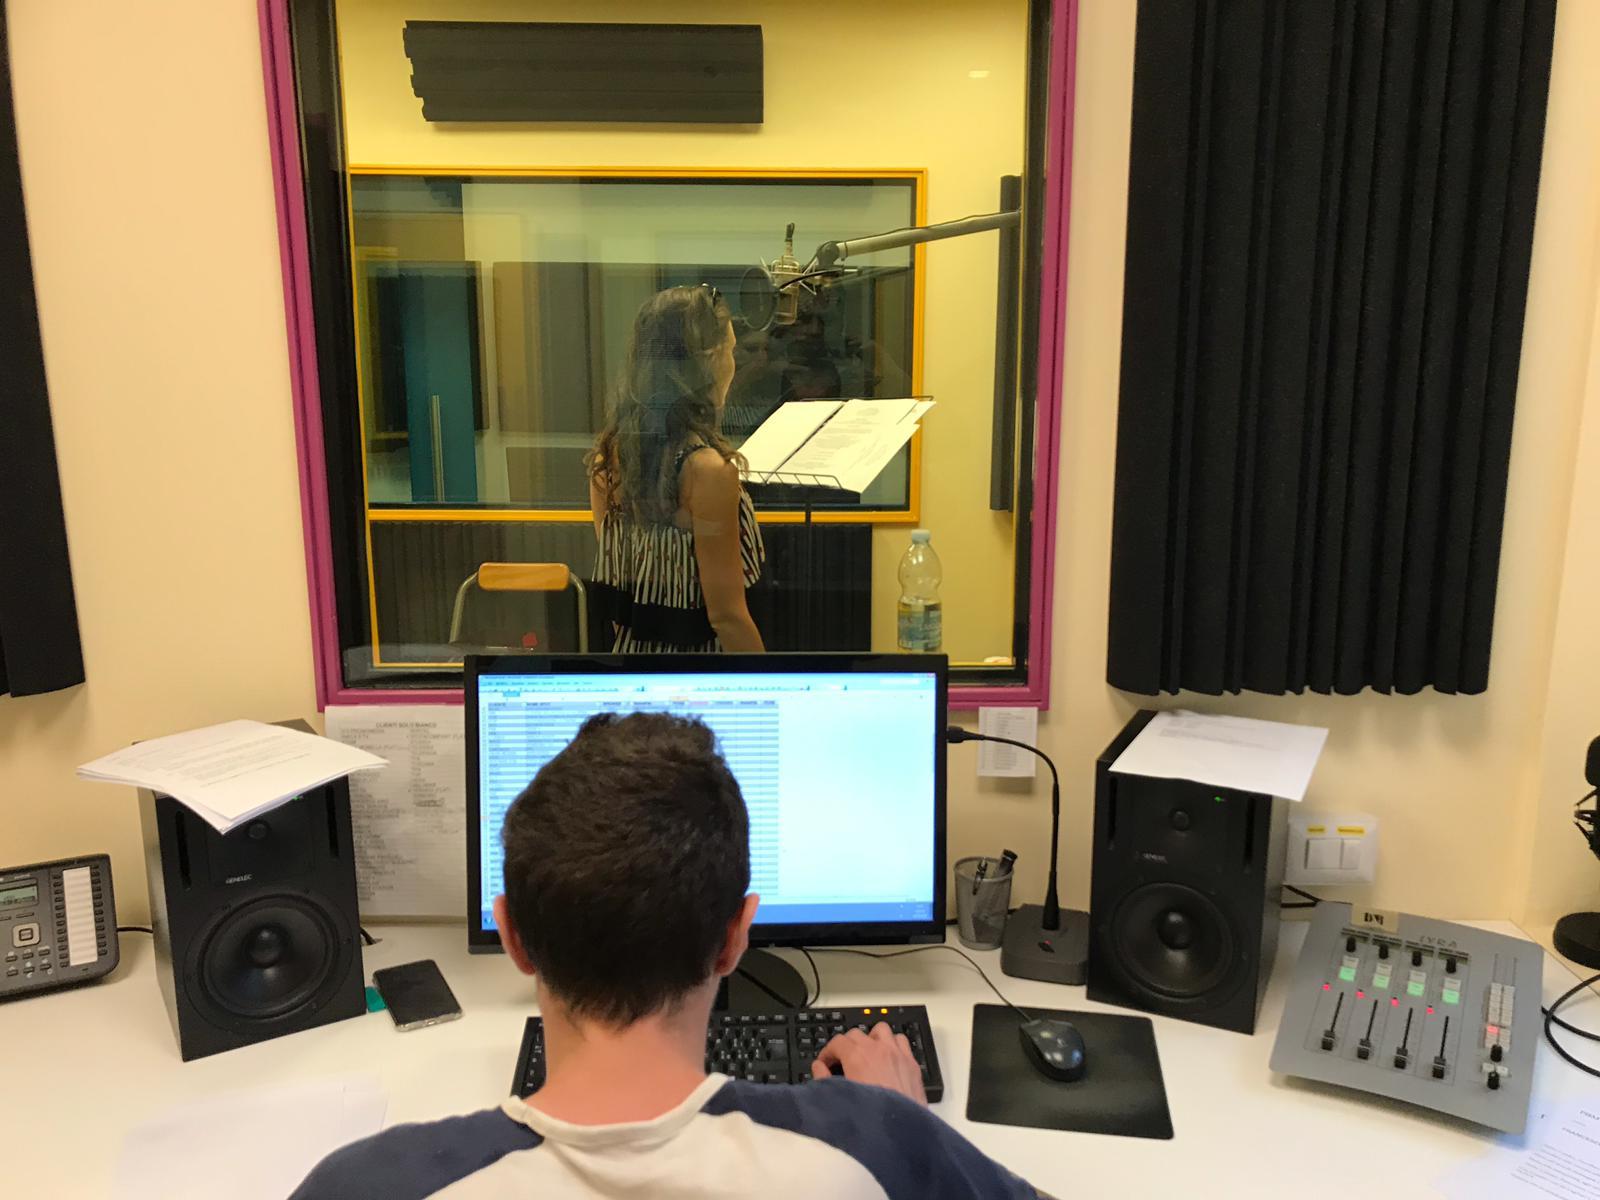 ELITE Studio Produzione Audio - Radio Tv 4.0. La visual radio DTT crea indotto: gli studi di produzione ne prendono atto e nascono servizi ad hoc. Ma c'e' bisogno anche di nuove figure professionali